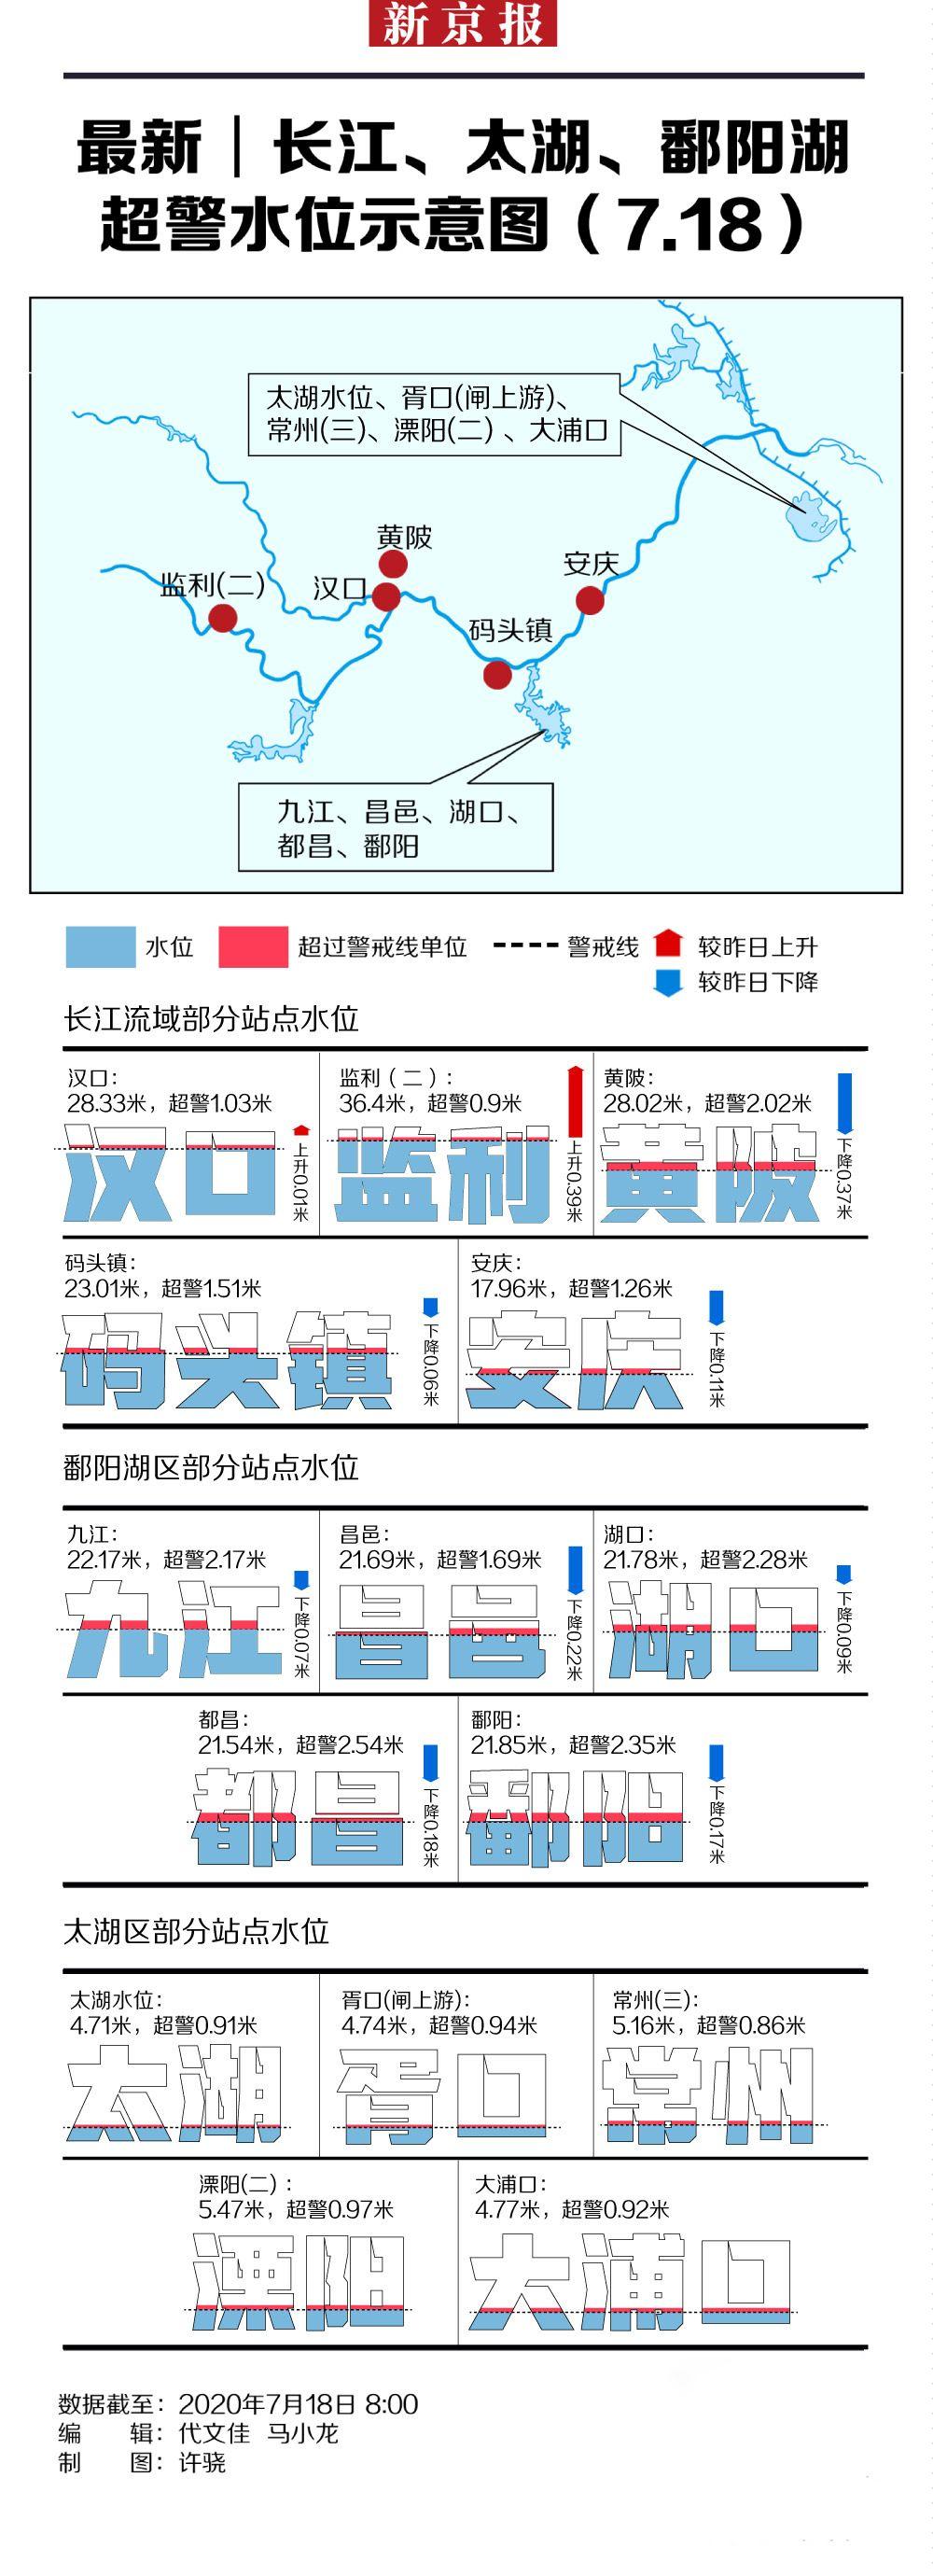 杏悦,最新│长江杏悦太湖鄱阳湖超警水位示意图片